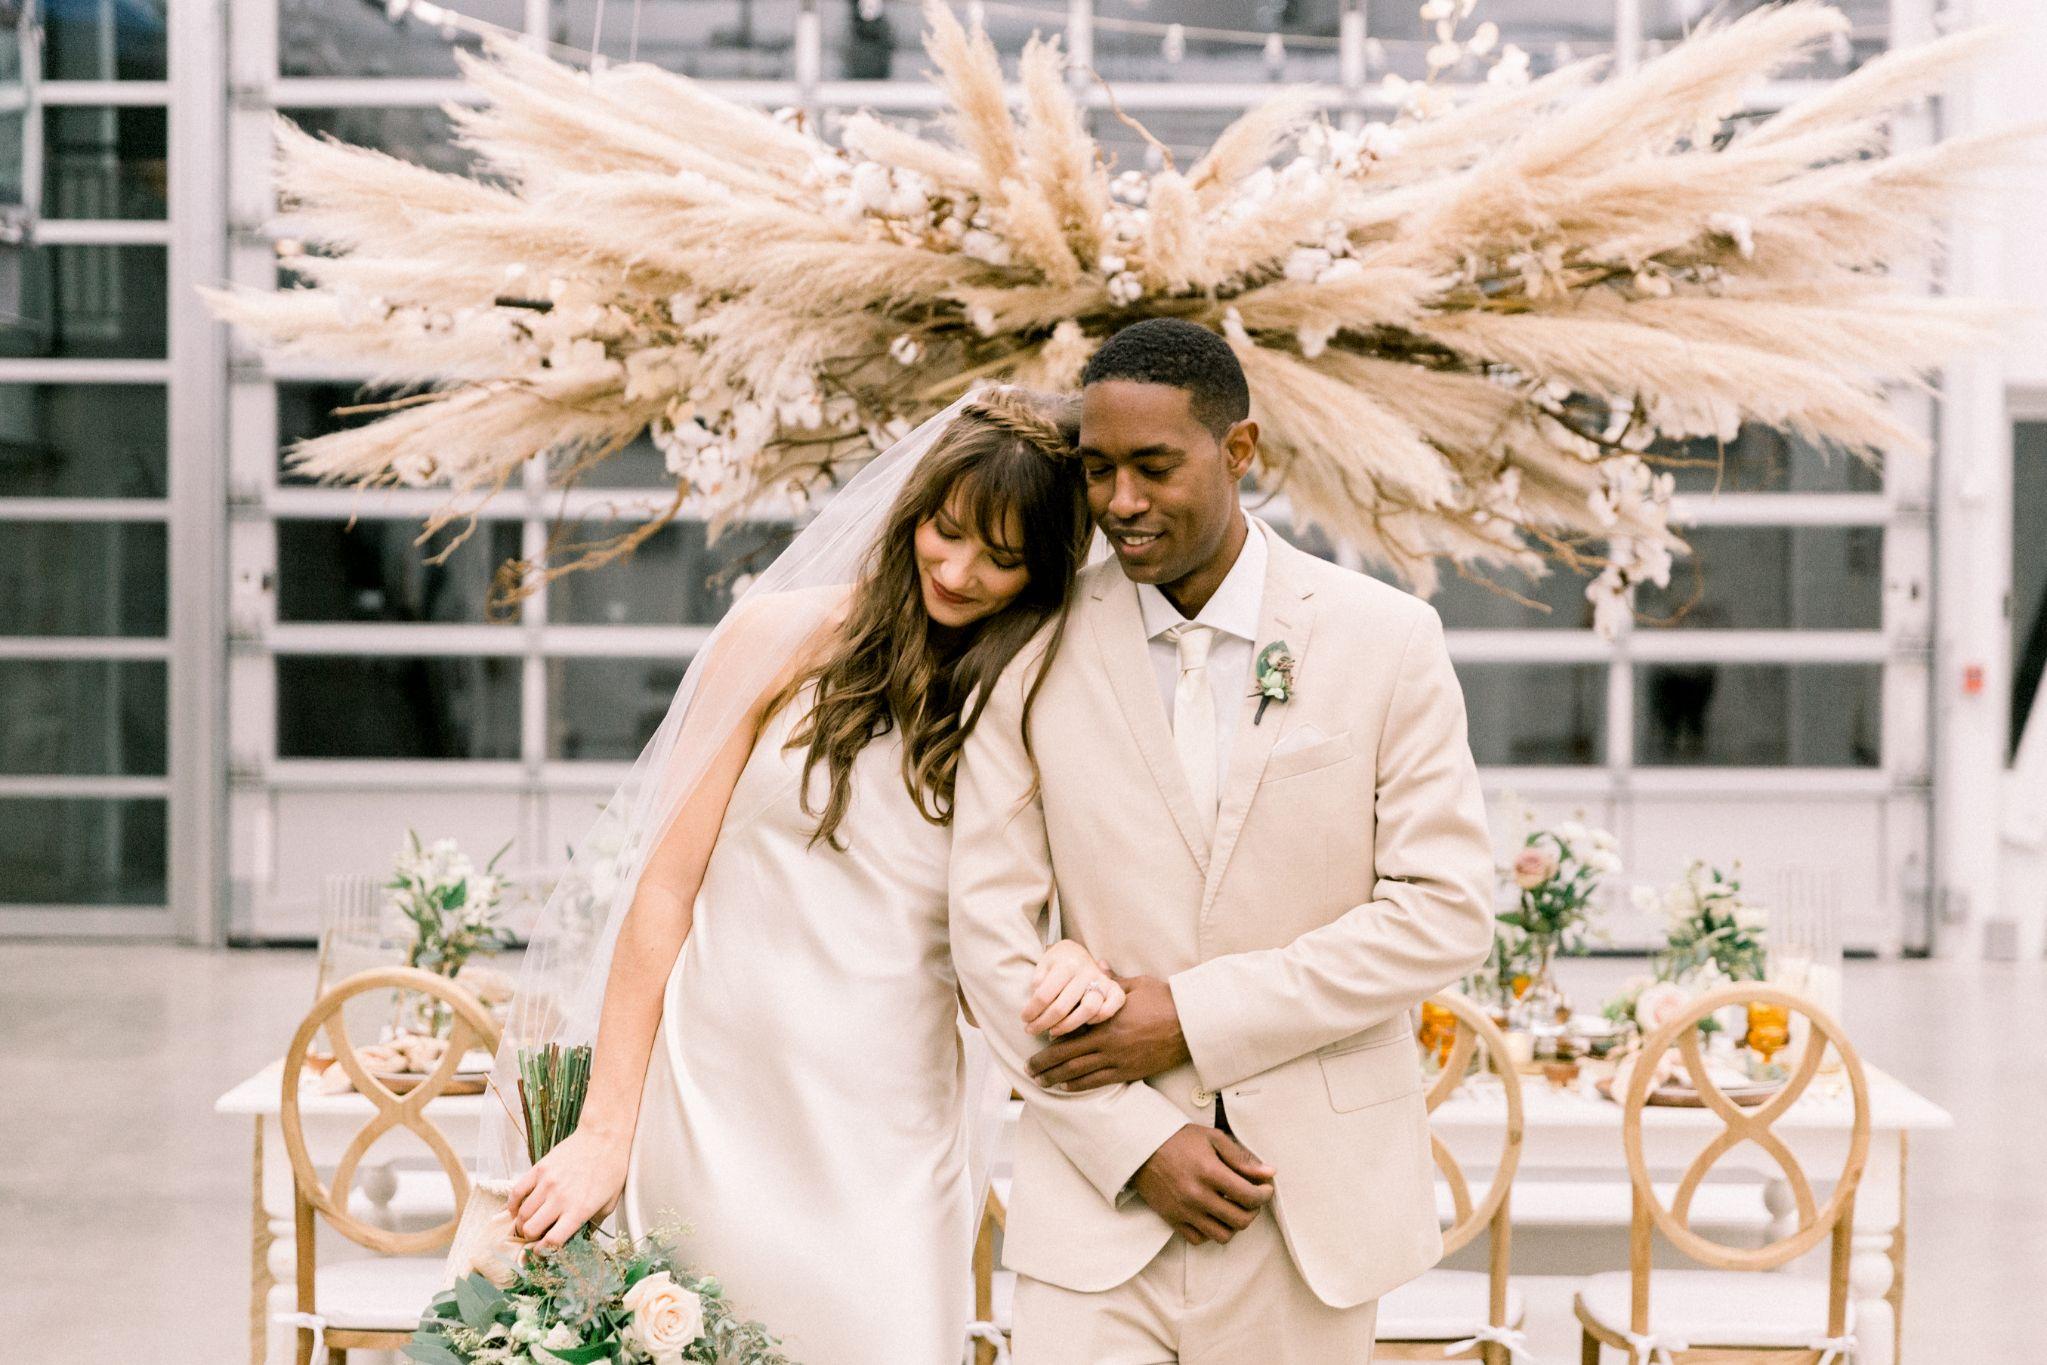 artists-for-humanity-industrial-bohemian-wedding-daylynn-designs266.jpg